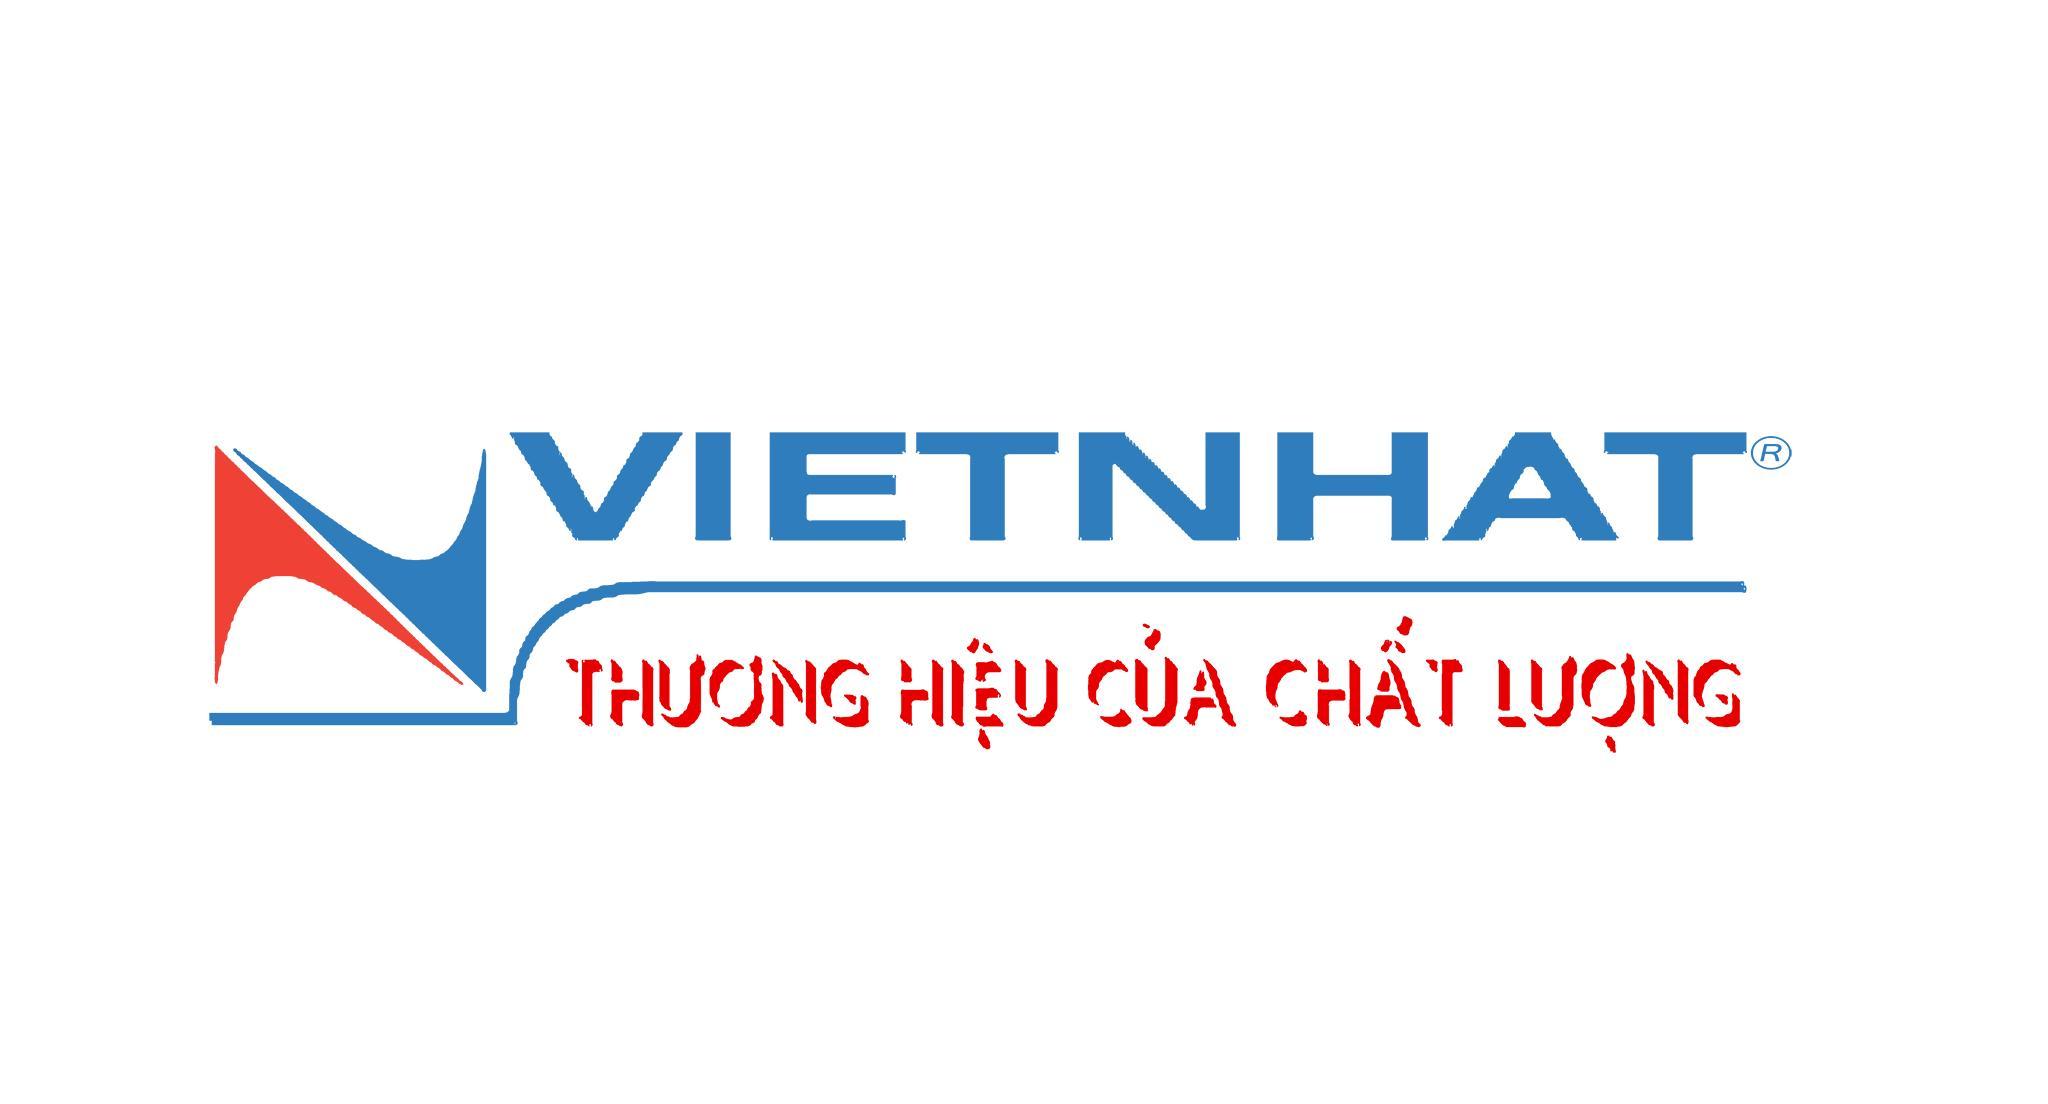 Công ty TNHH Đầu tư thiết bị công nghiệp Việt Nhật